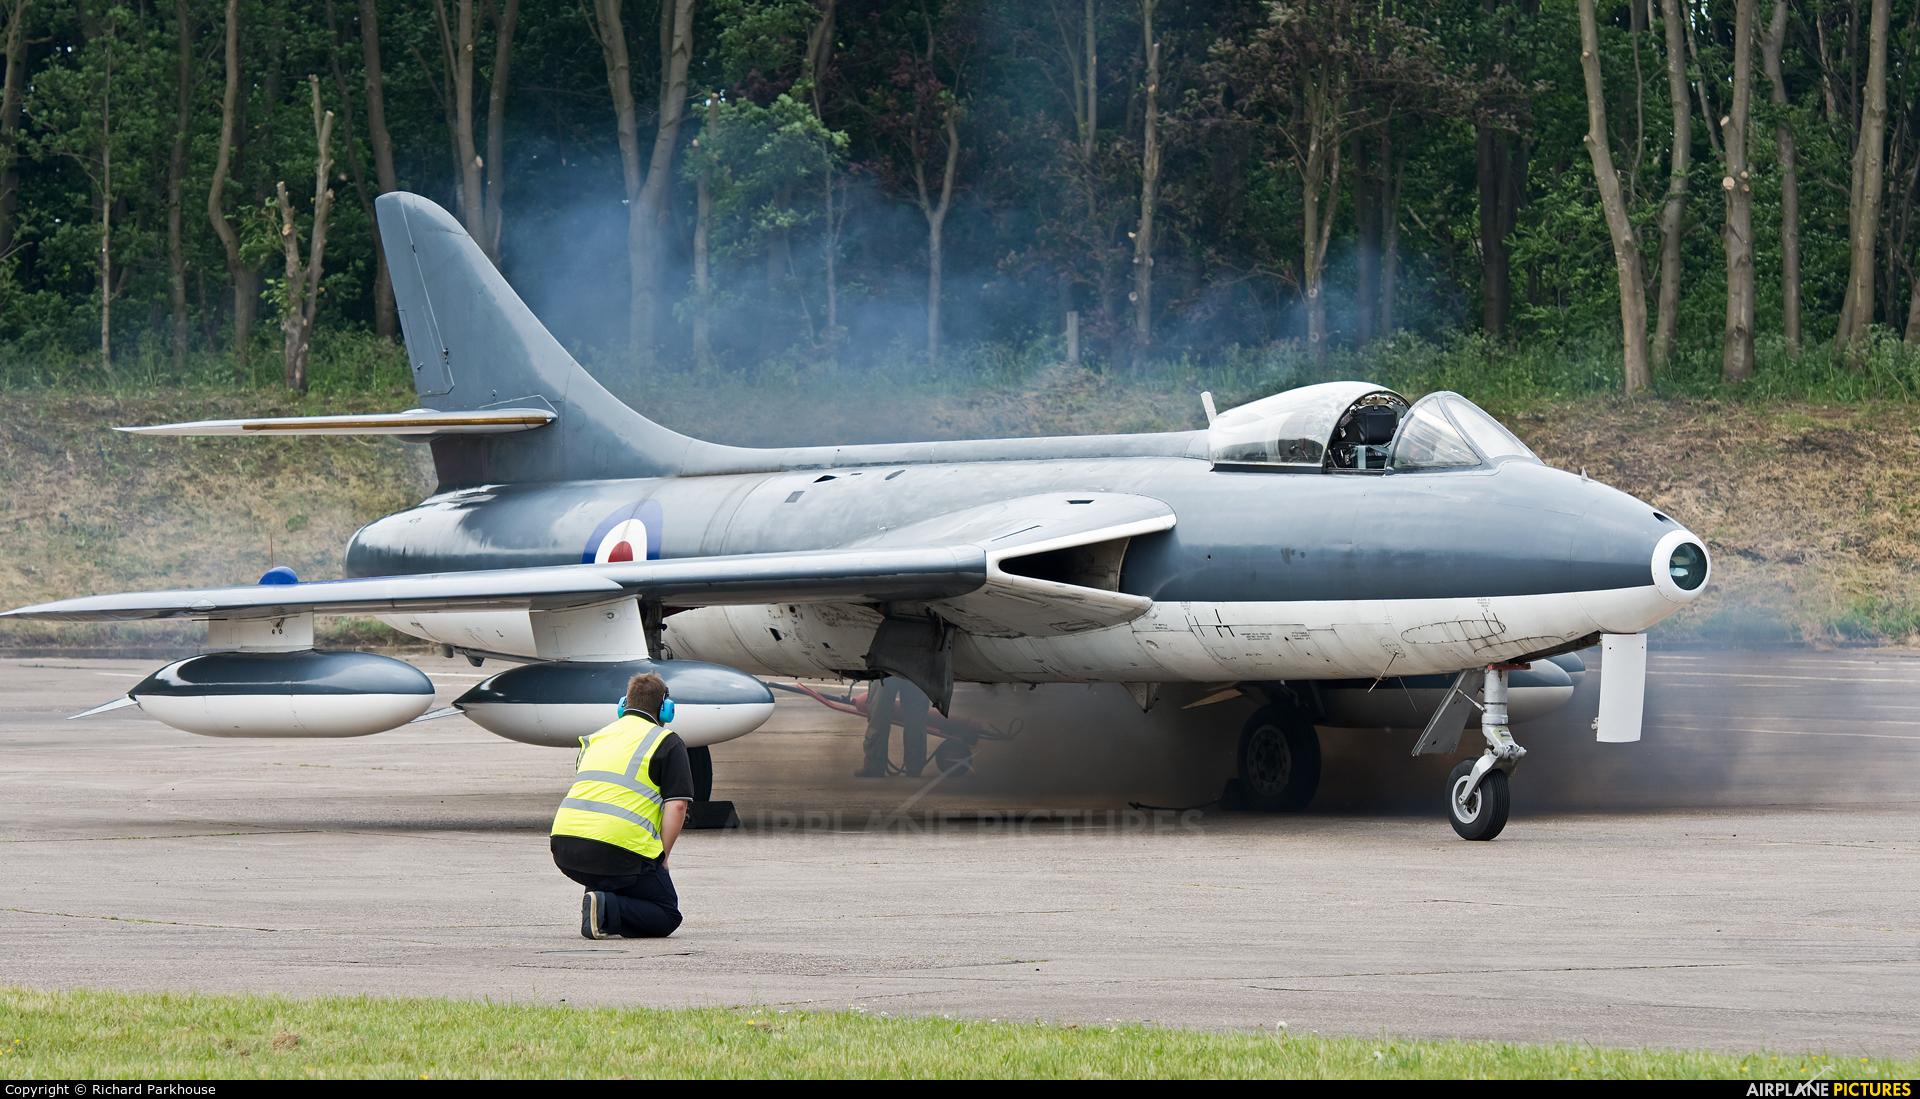 Royal Air Force WT806 aircraft at Bruntingthorpe